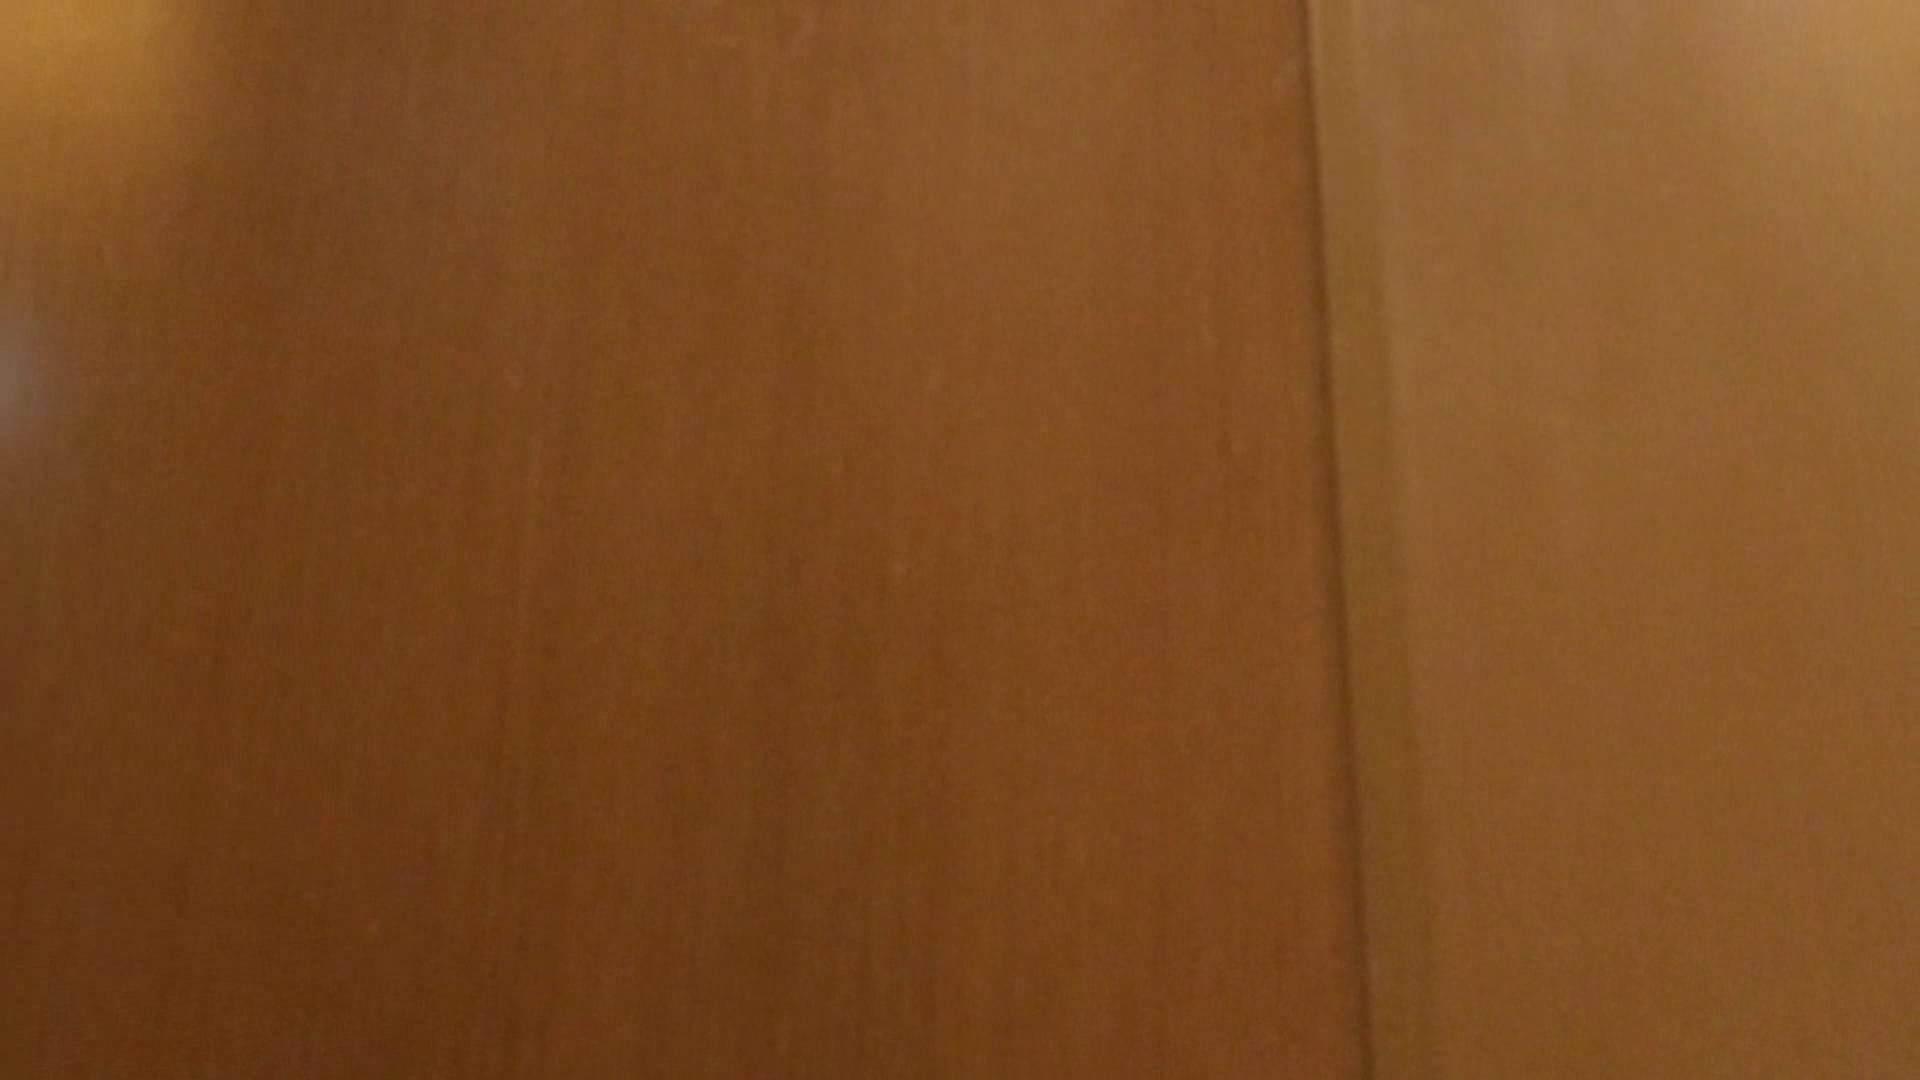 「噂」の国の厠観察日記2 Vol.02 人気シリーズ AV無料動画キャプチャ 96枚 14